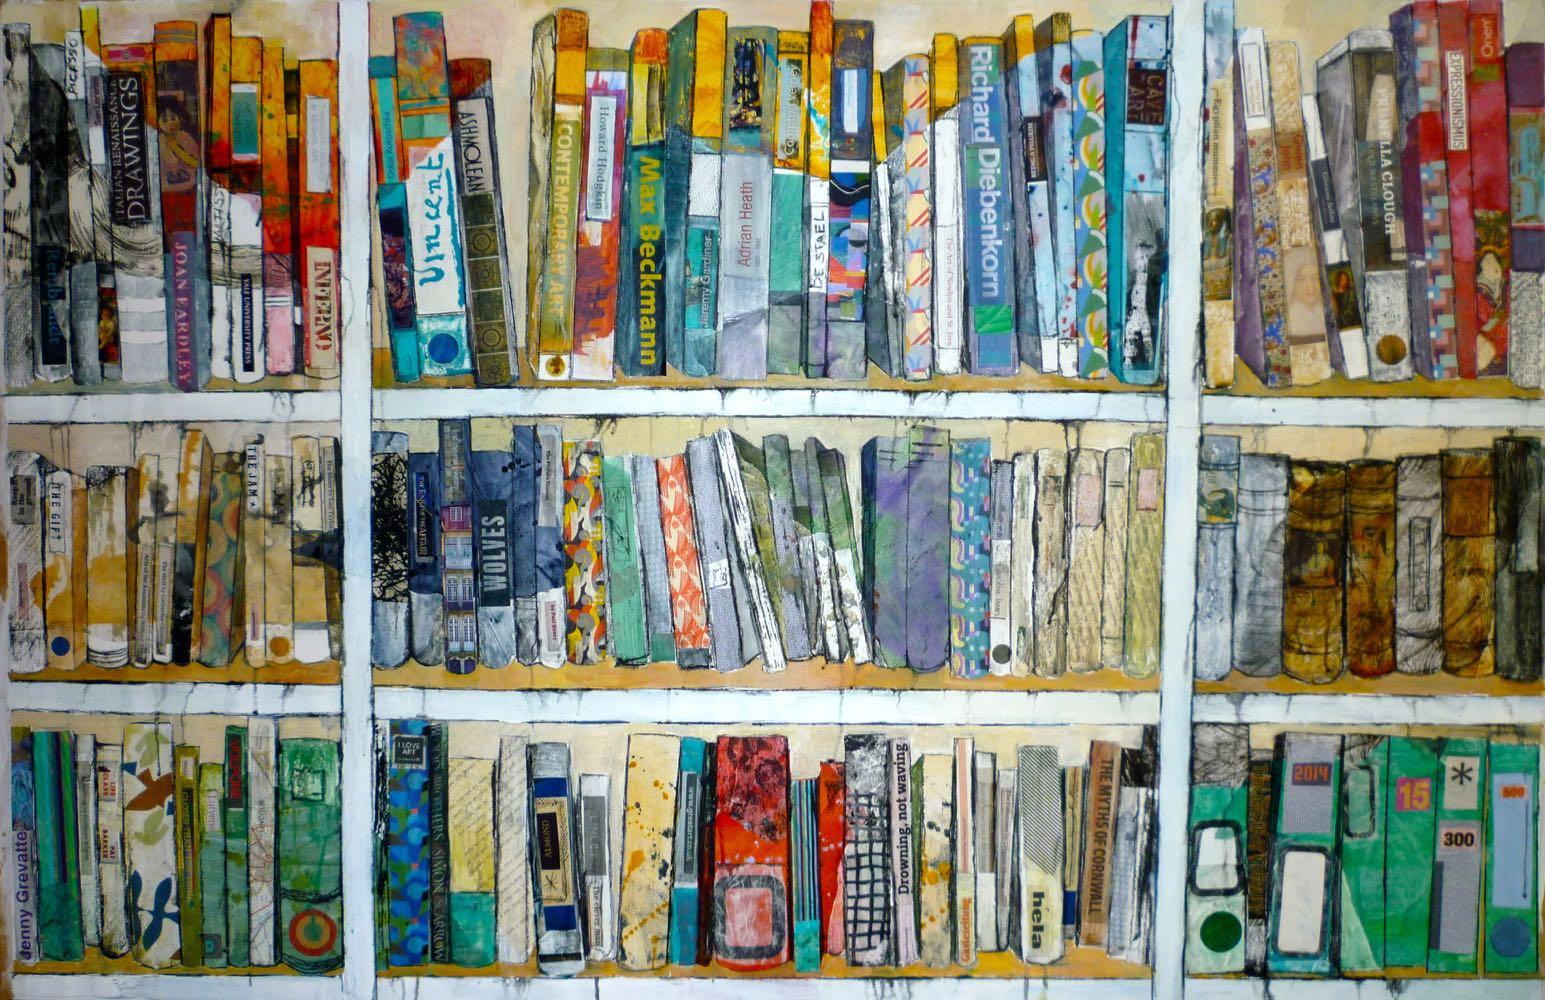 Imaginary bookshelves